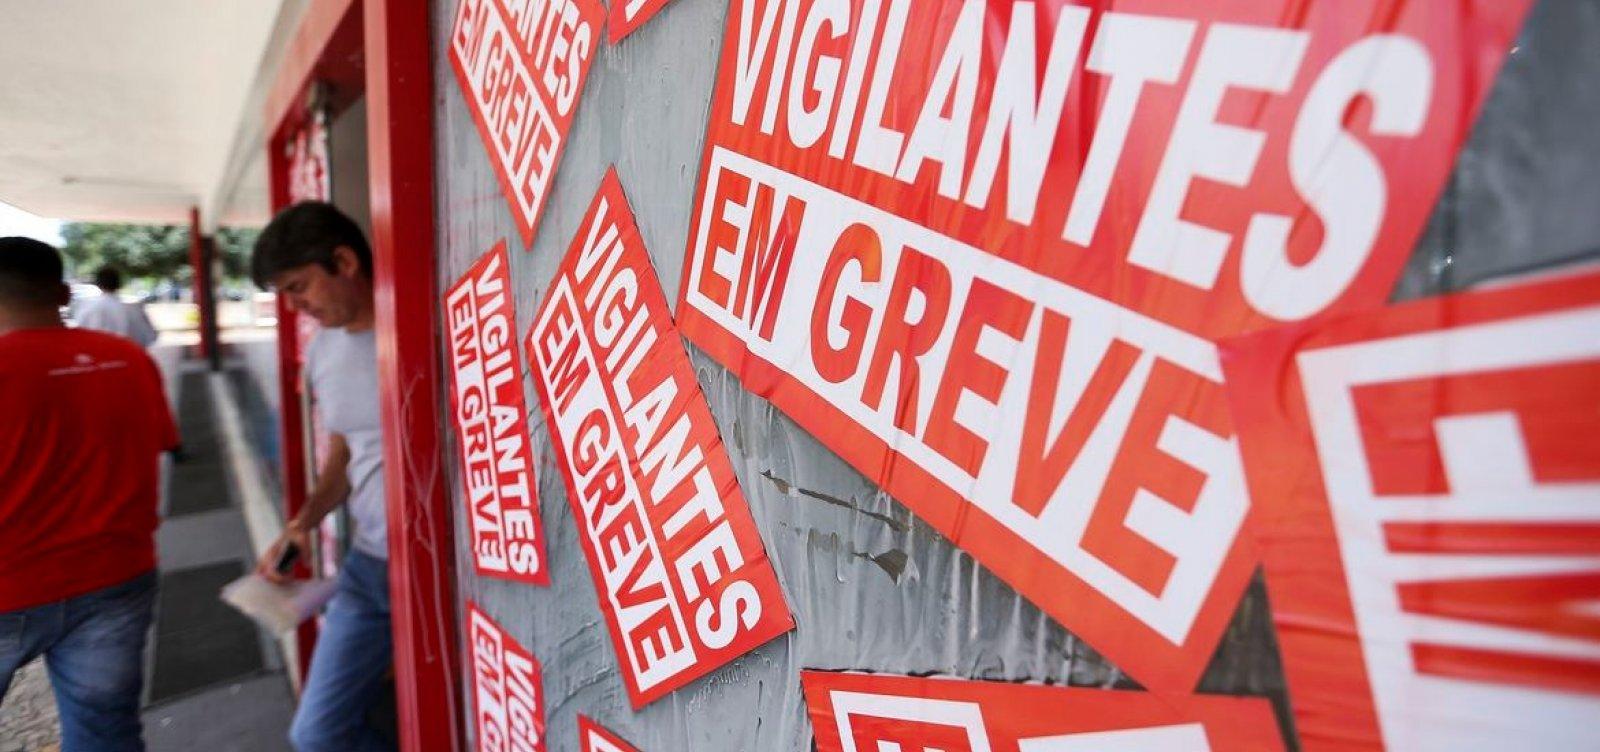 [Por causa do coronavírus, vigilantes suspendem greve na Bahia após 14 dias de paralisação]